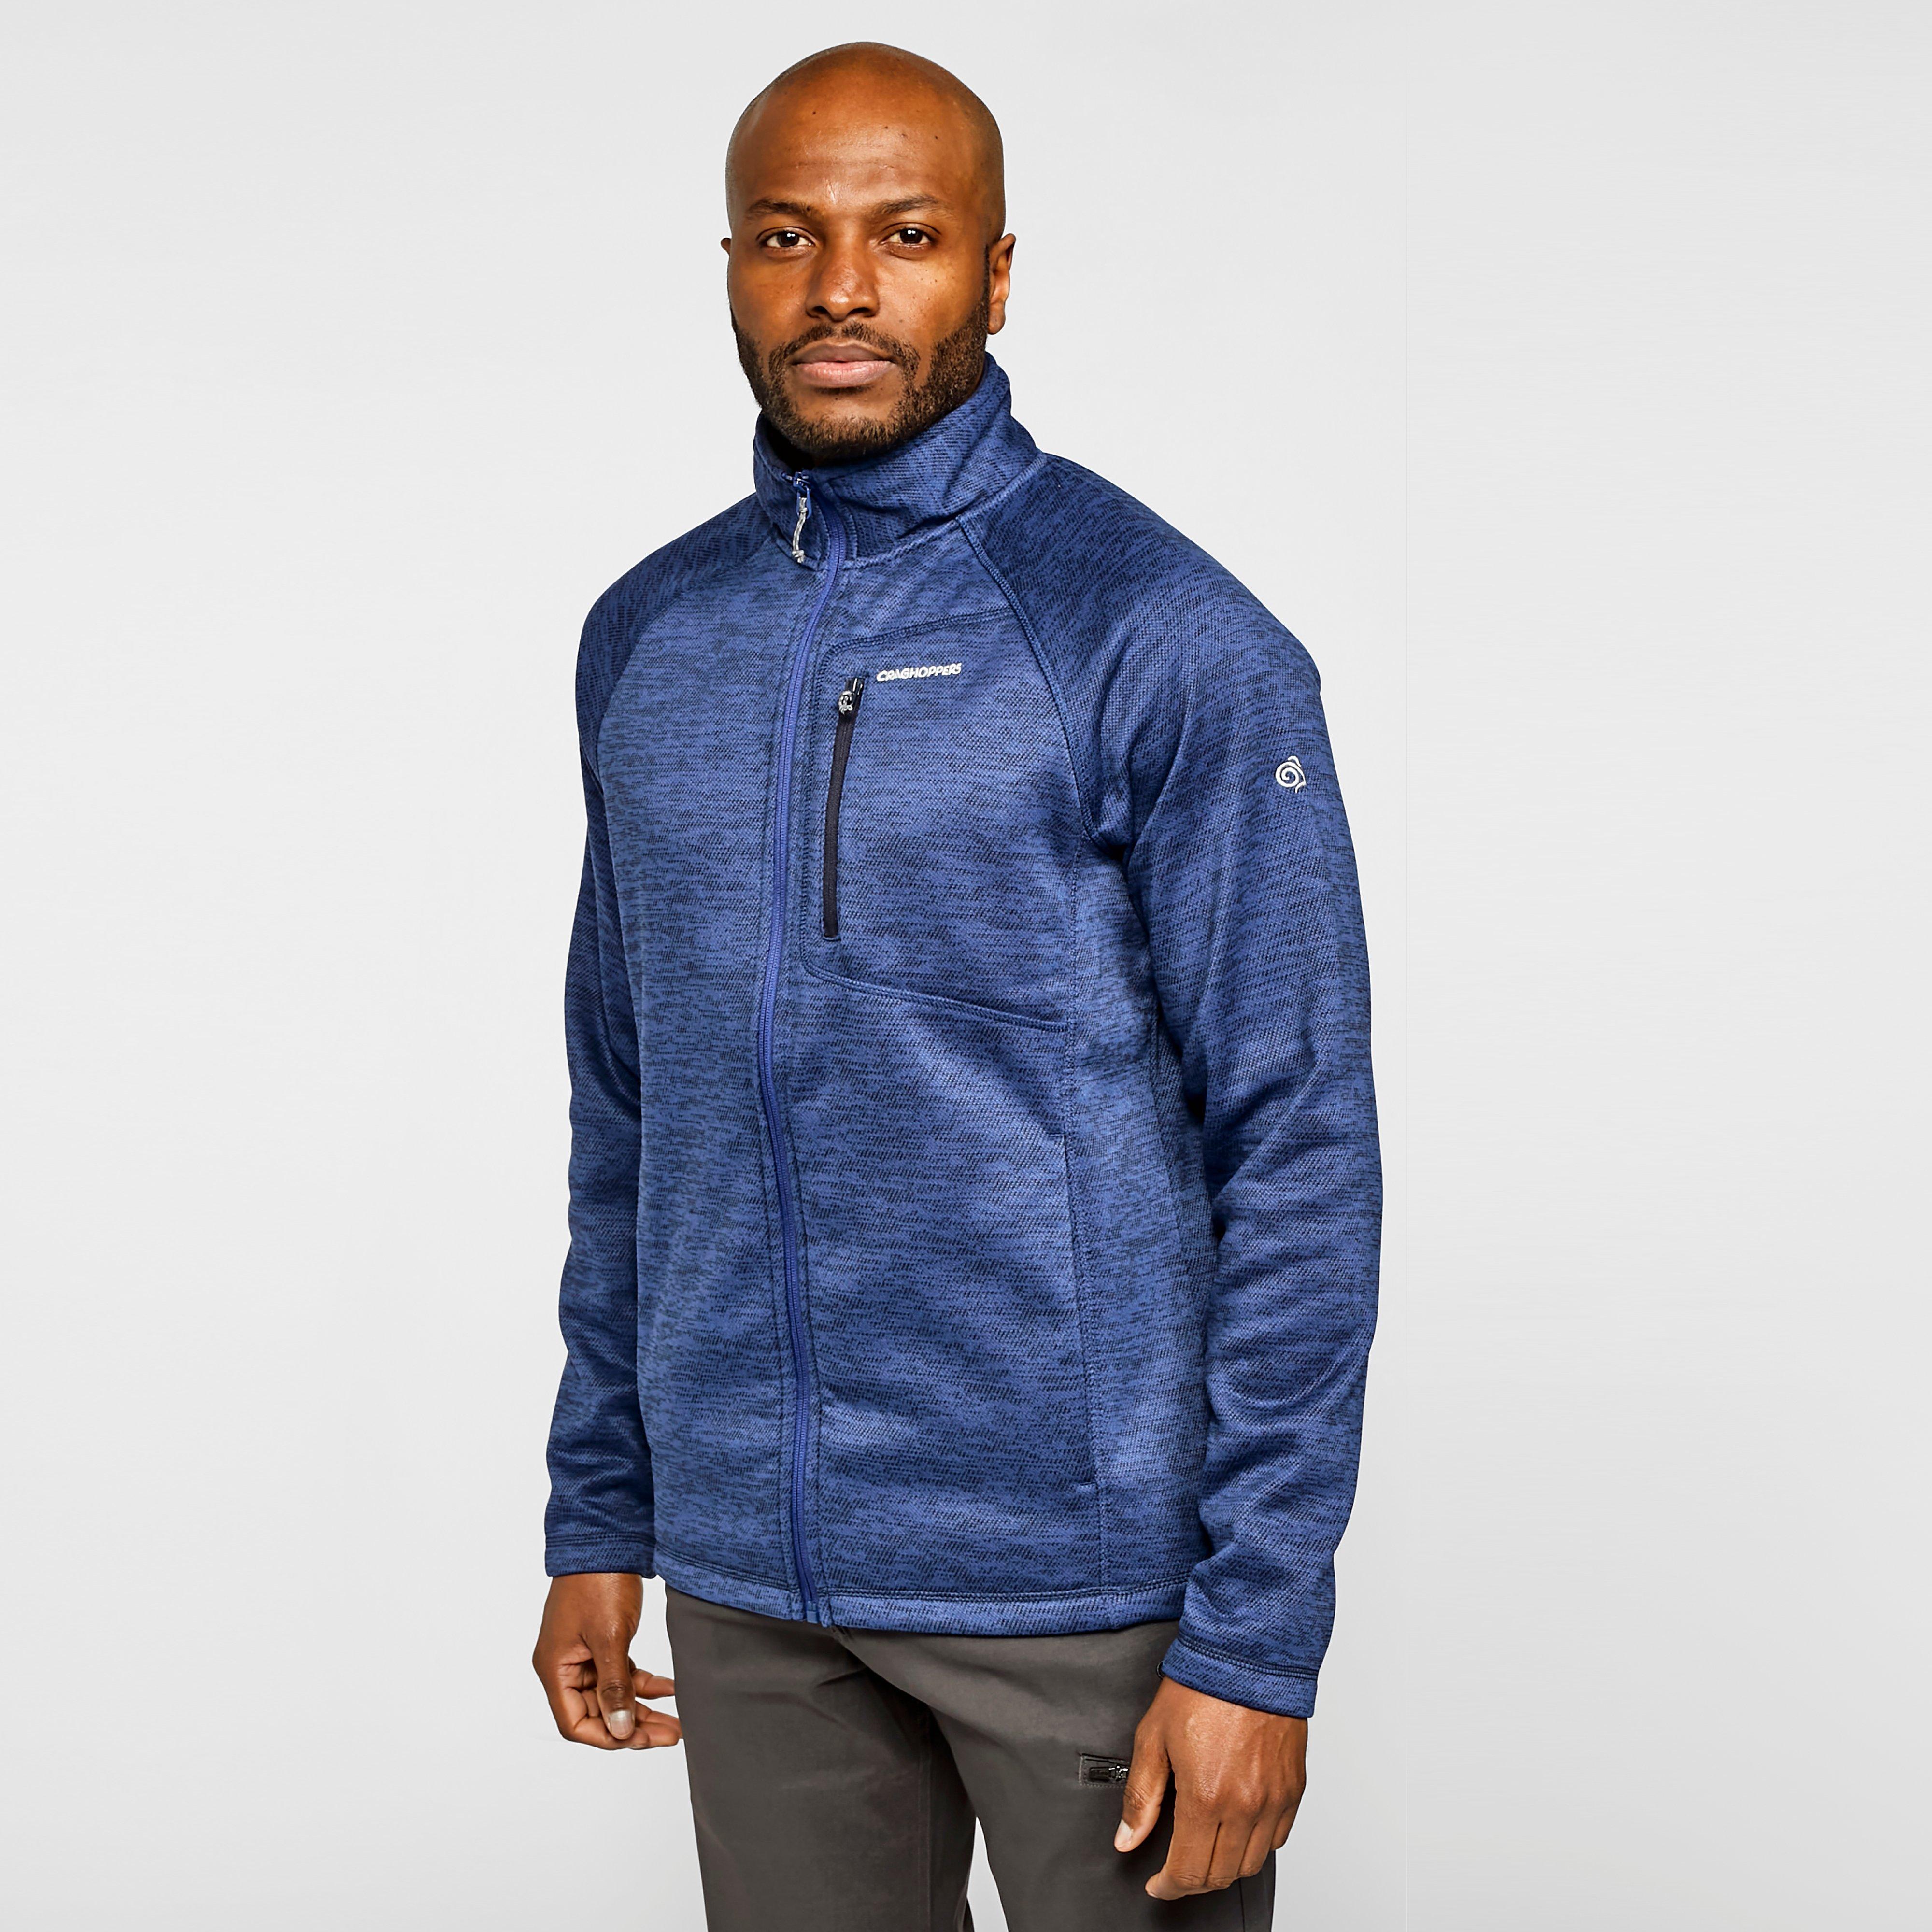 Craghoppers Men's Cranston Full Zip Fleece - Blue/Jacket, Blue